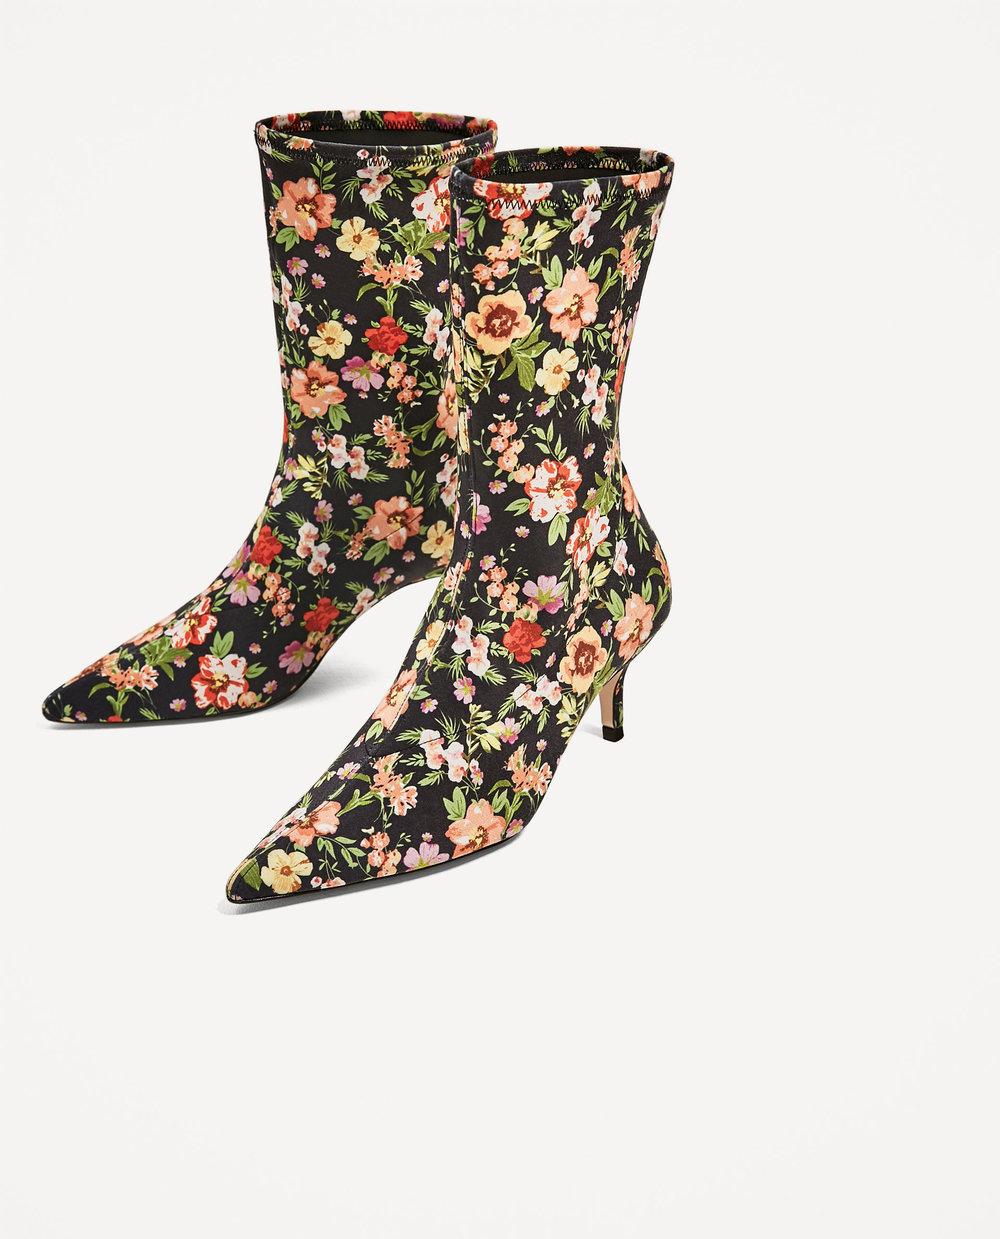 Botas em tecido com padrão floral, 49,95€